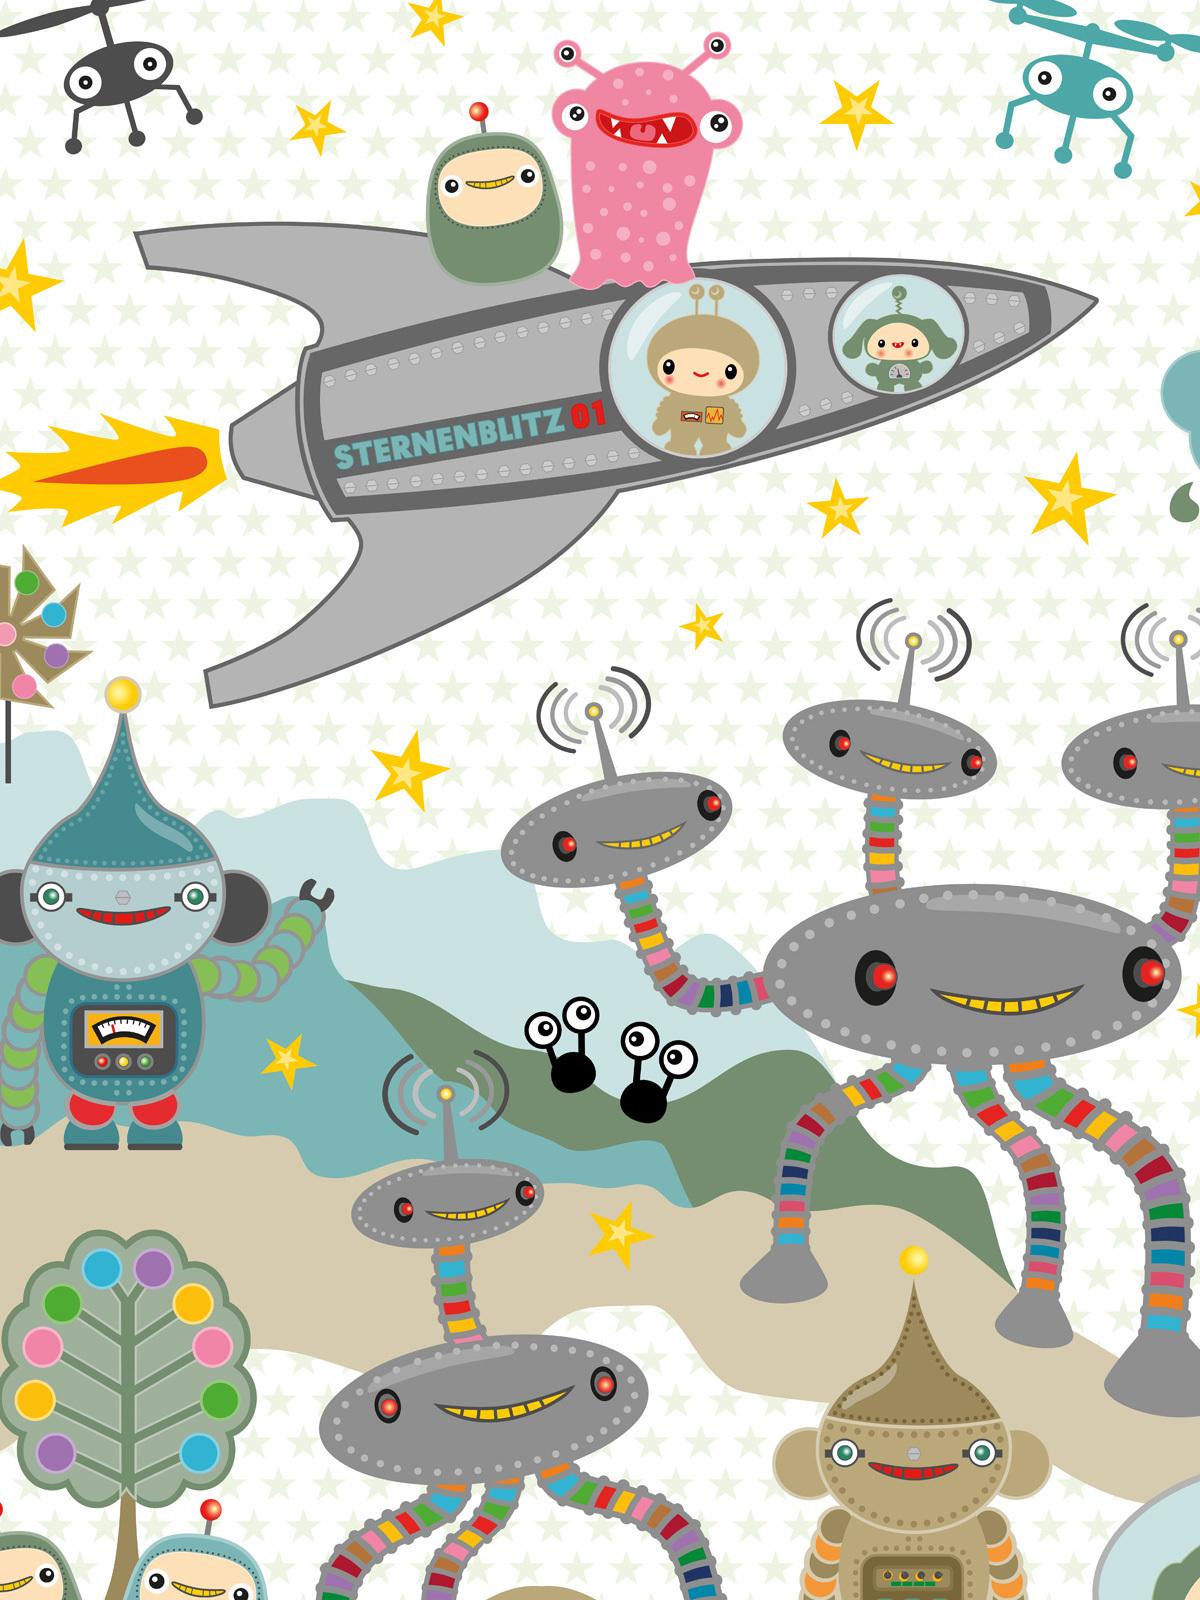 Full Size of Wandbild Kinderzimmer Tapete Sternenblitz Auf Planet Noxy Miyo Mori Sofa Regale Wandbilder Wohnzimmer Schlafzimmer Regal Weiß Kinderzimmer Wandbild Kinderzimmer